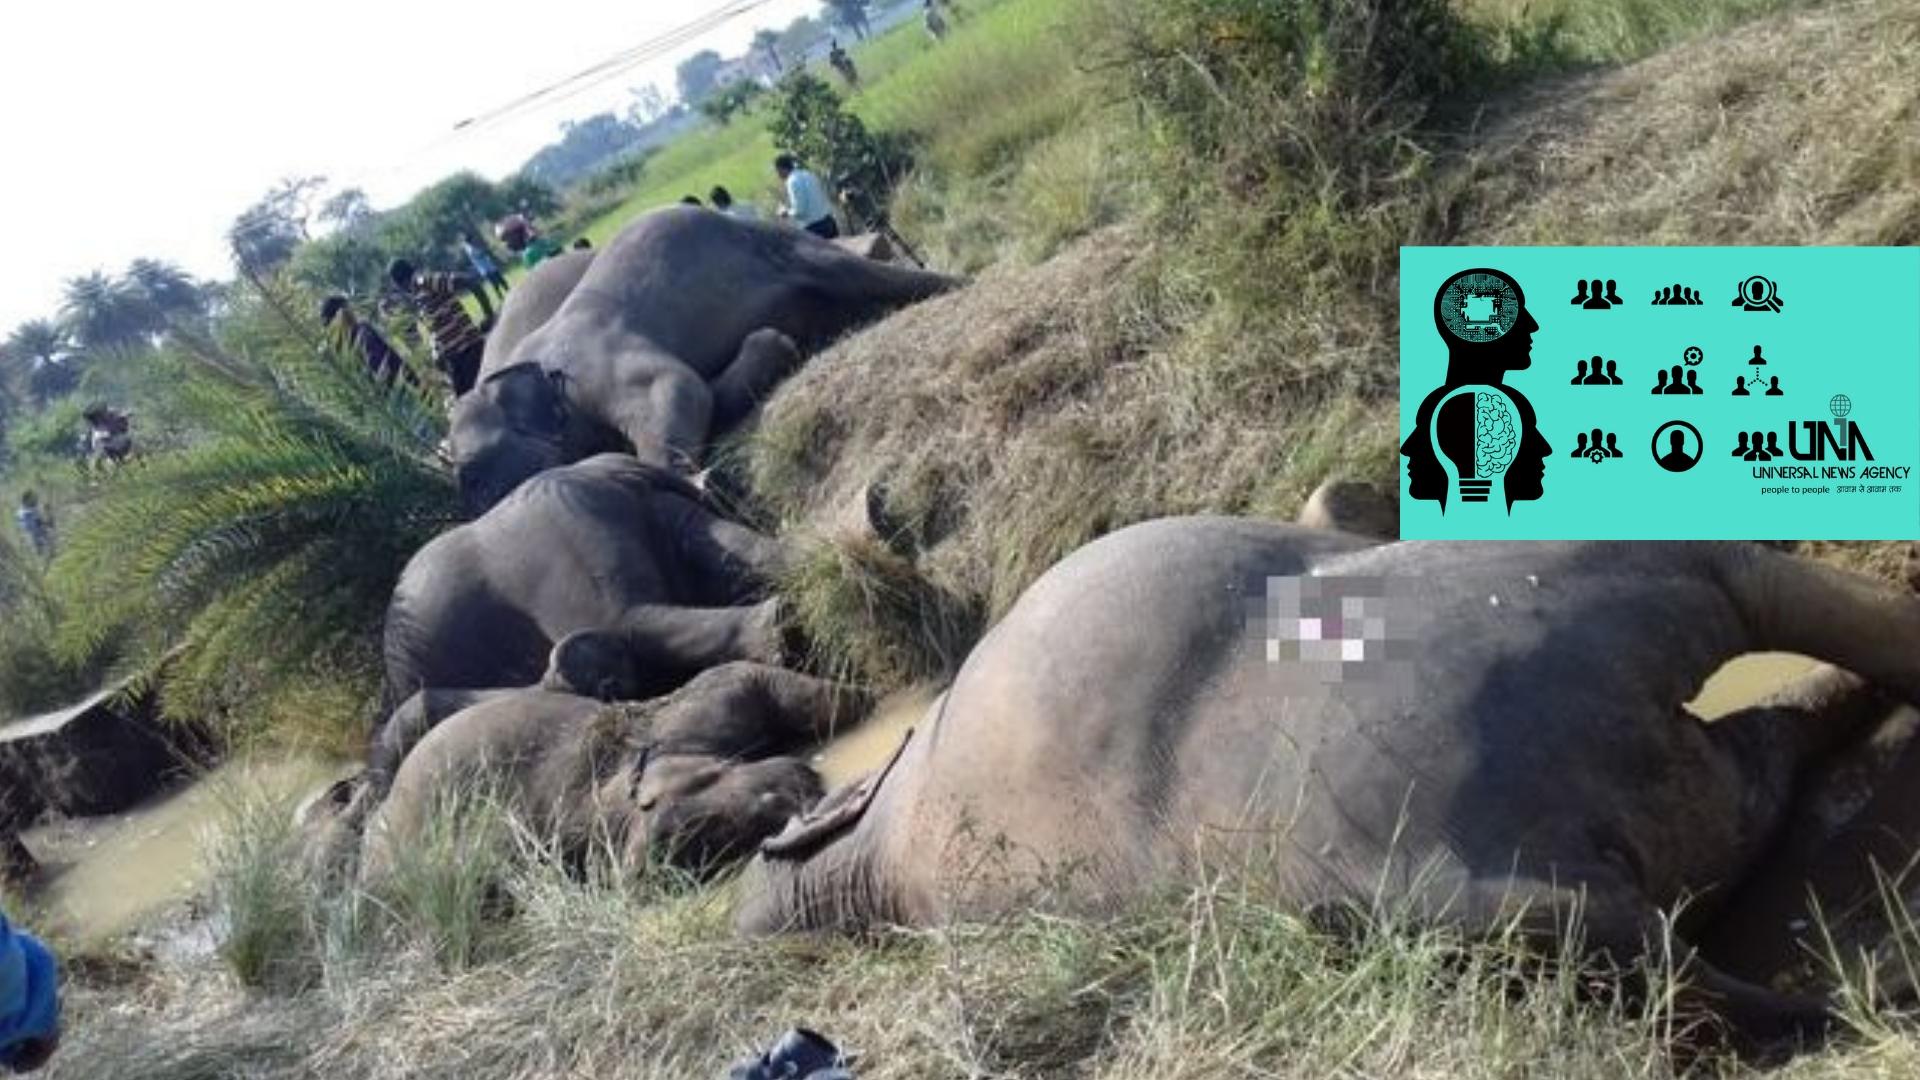 ओडिशा के मुख्यमंत्री ने ढेंकनाल में 7 हाथियों के विद्युत प्रक्षेपण की जांच का आदेश दिया